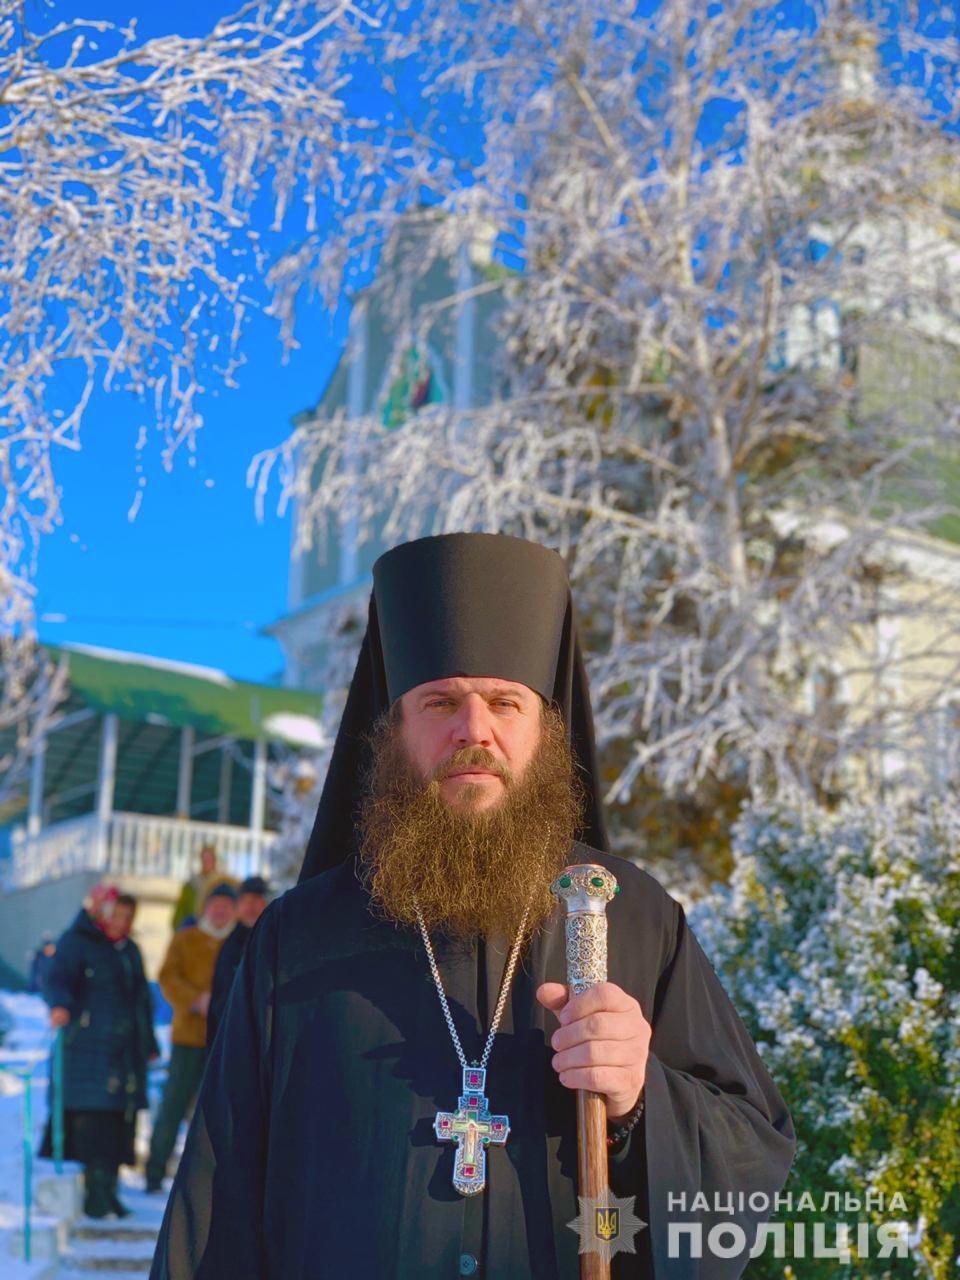 Не повернувся з риболовлі: на Буковині зник настоятель монастиря